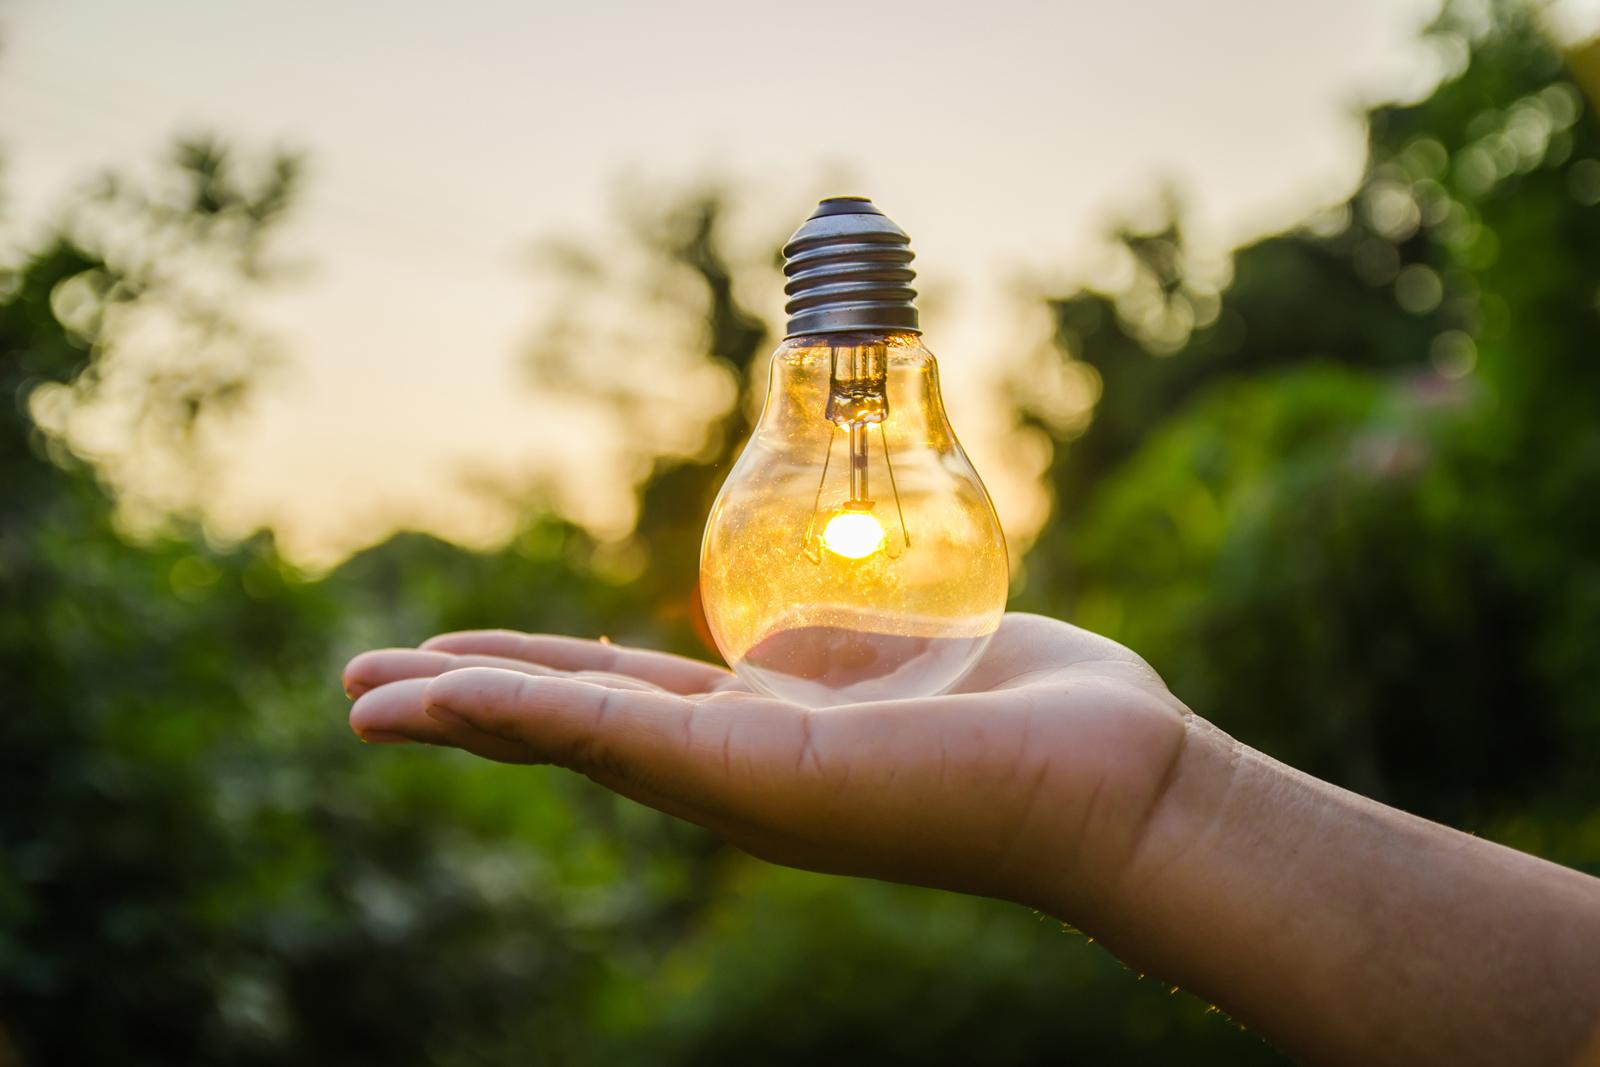 En hand som håller en i en lysande glödlampa